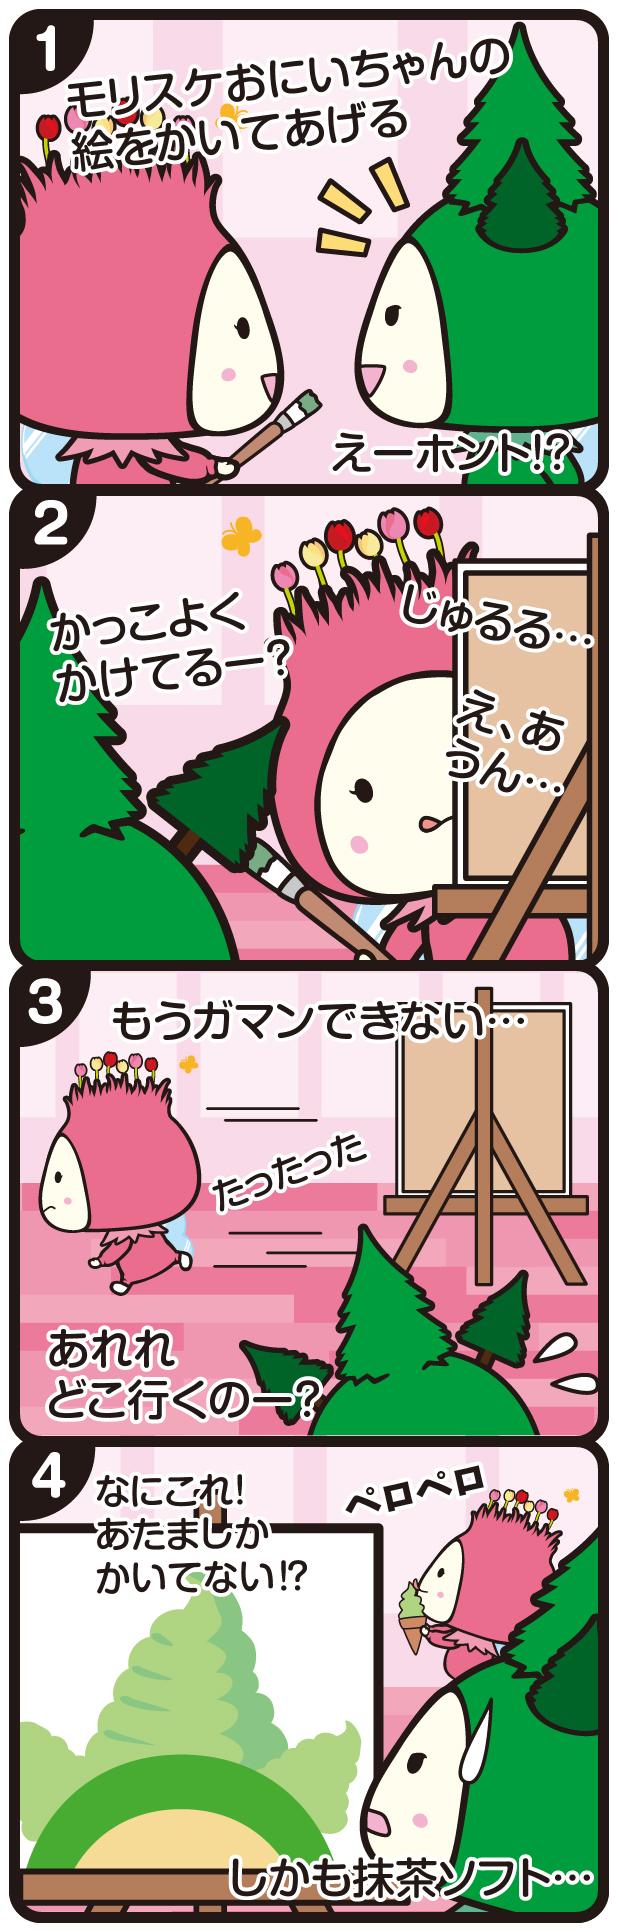 comic_262